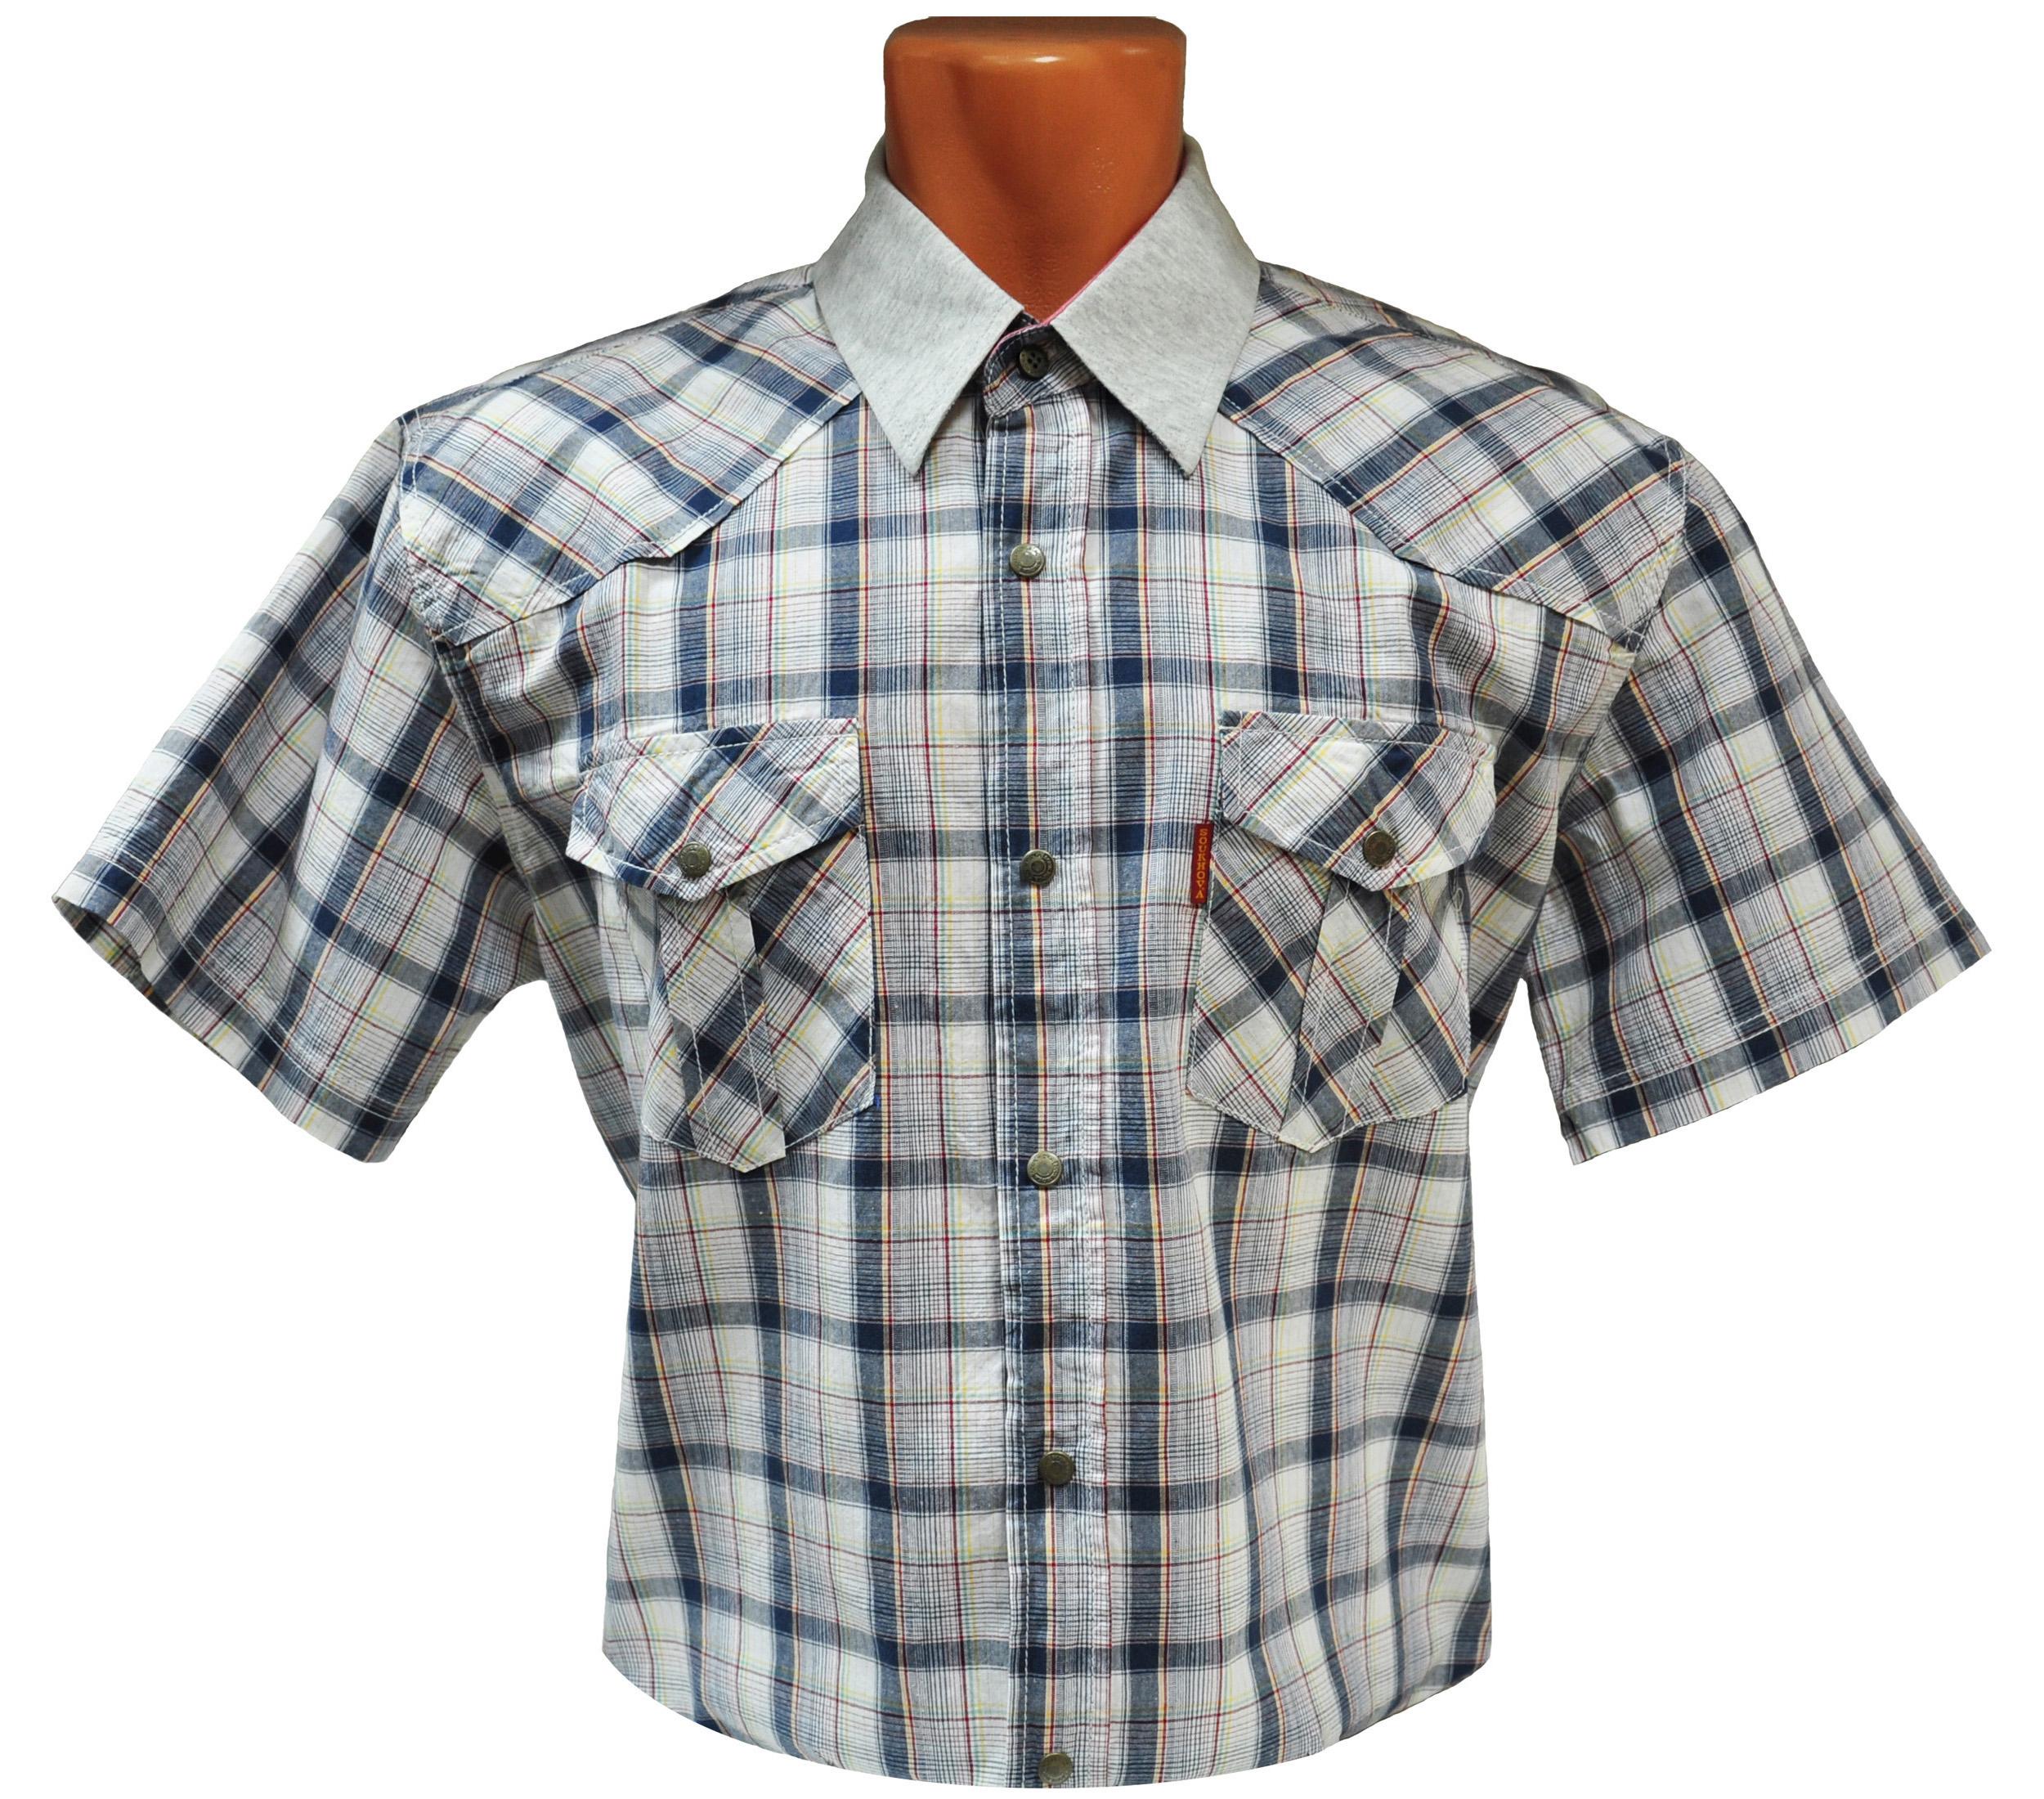 Мужская рубашка с коротким рукавом в среднюю сине-фиолетовую клетку